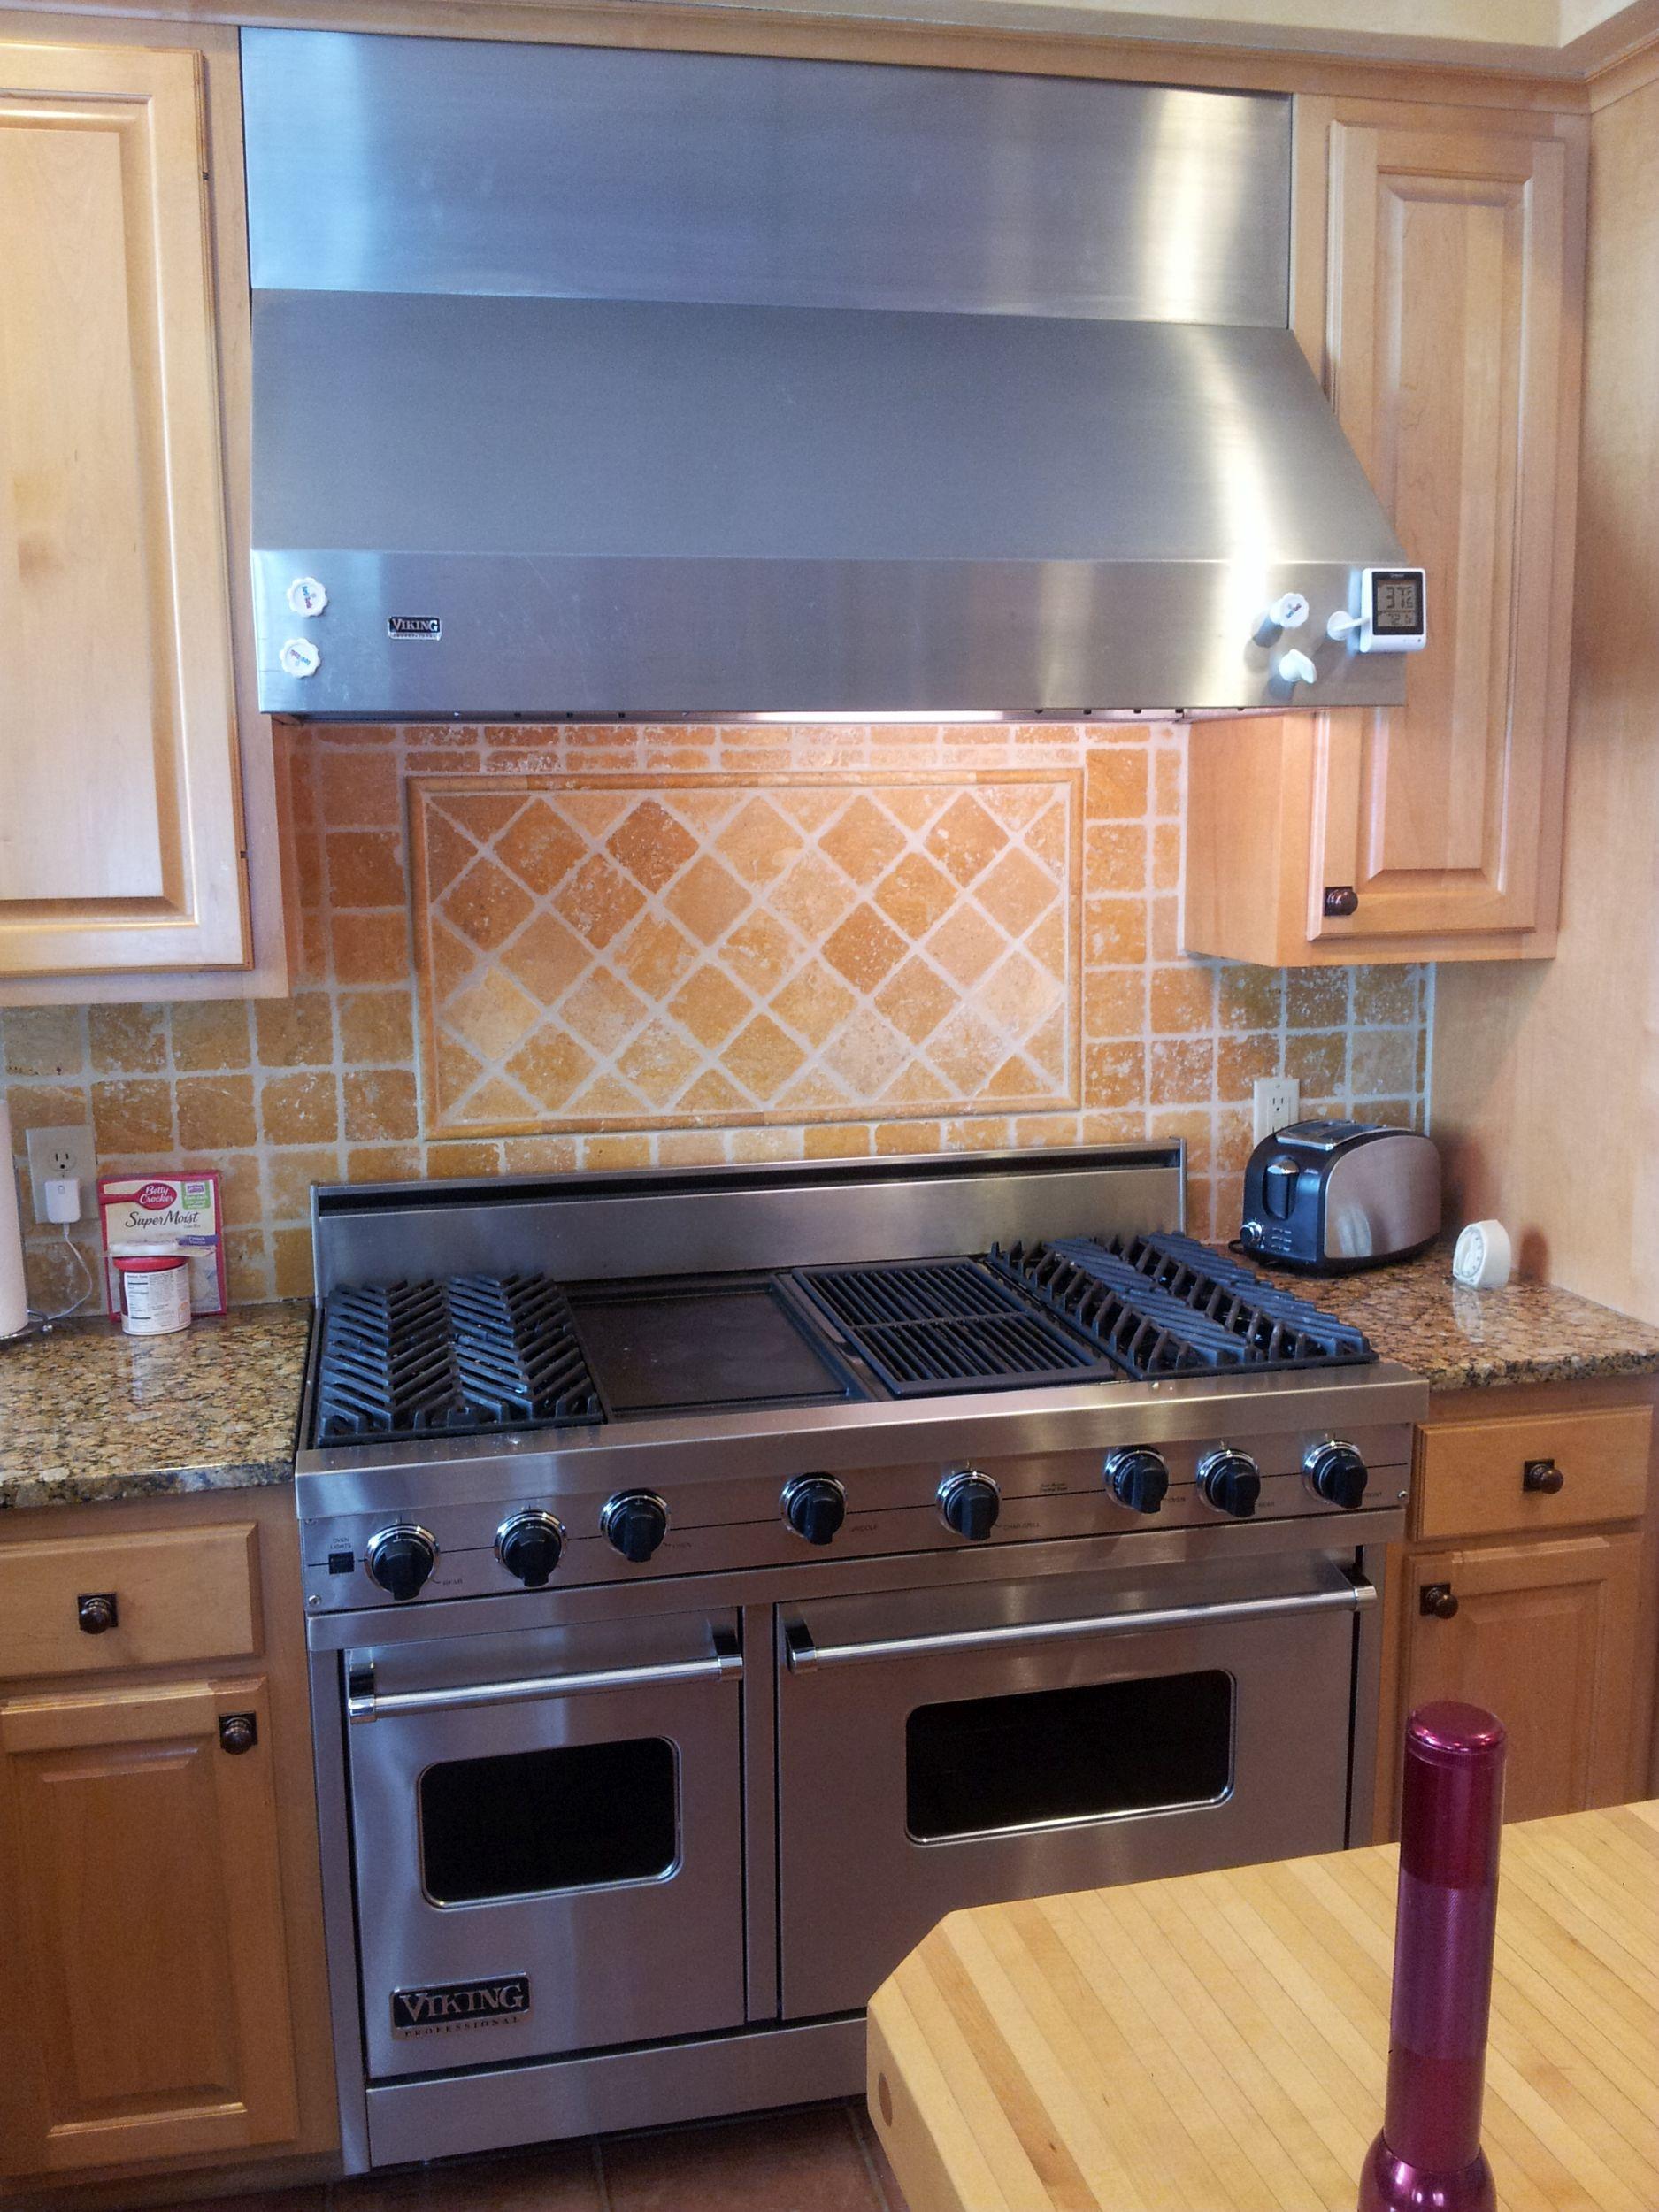 anderson-mcallister_kitchen_before_17.jpg